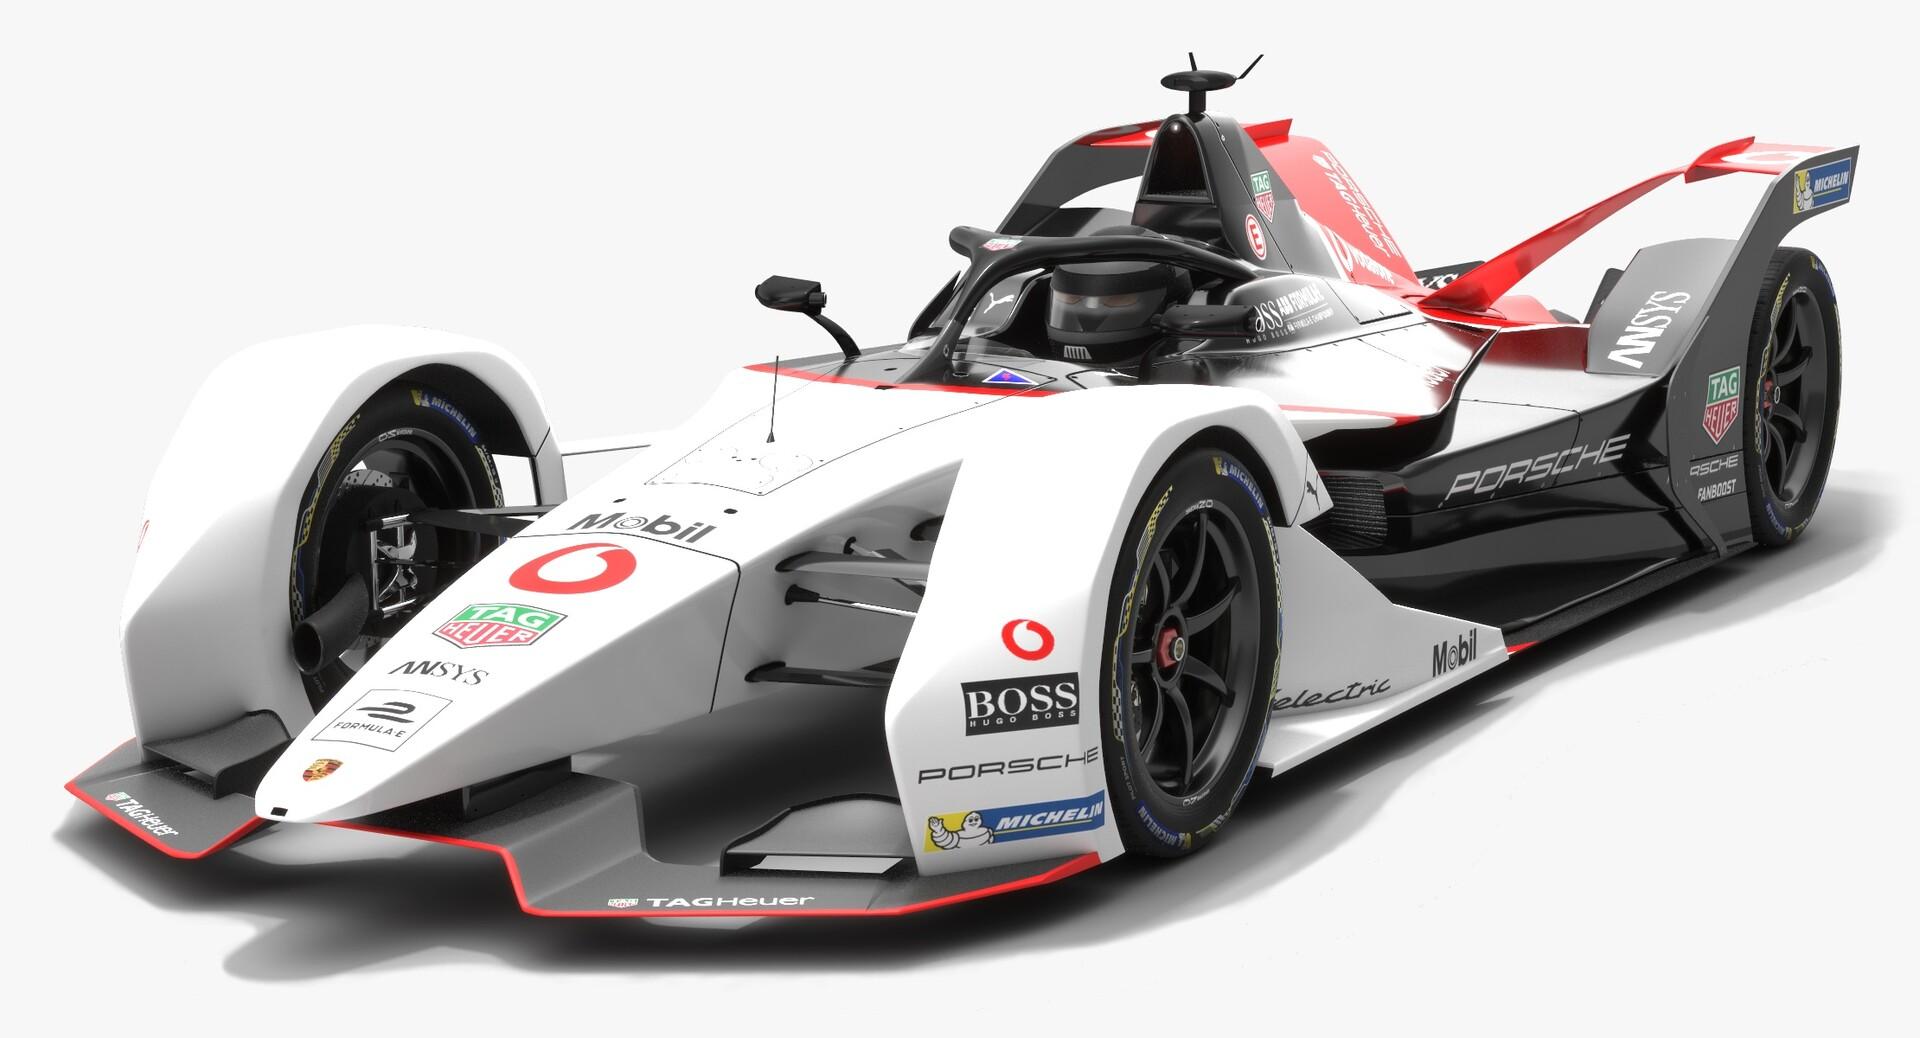 ExxonMobil rozszerza współpracę technologiczną z Porsche o wyścigi Formuła E